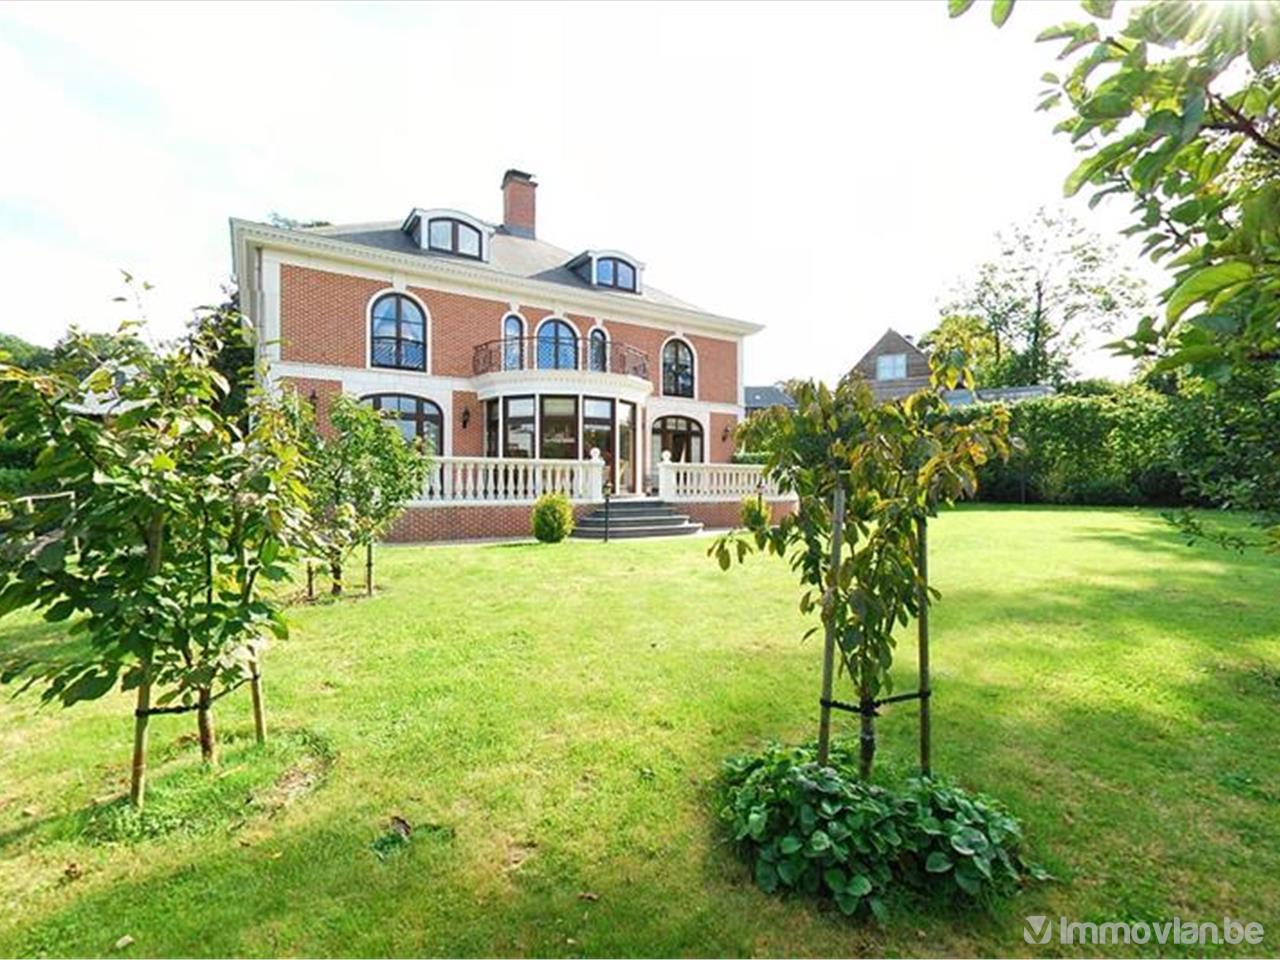 Maison avec garage et terrasse woluwe saint pierre vag96210 - Regarder 7 a la maison gratuitement ...